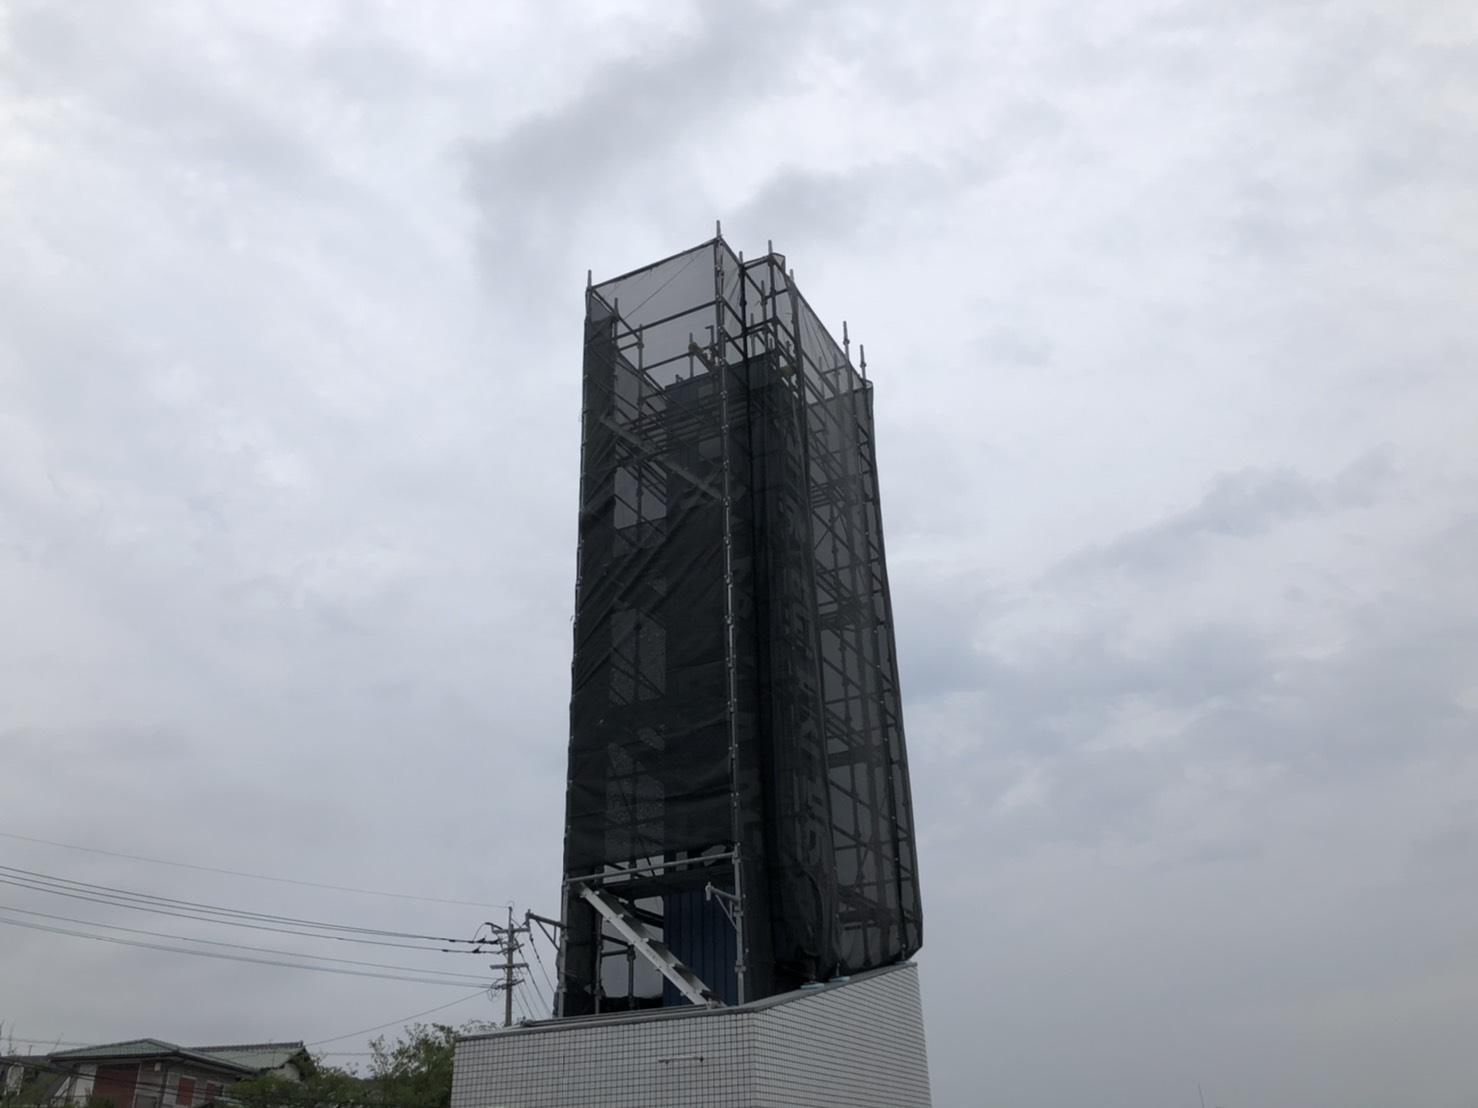 福岡県福岡市南区 某病院 屋上看板足場工事